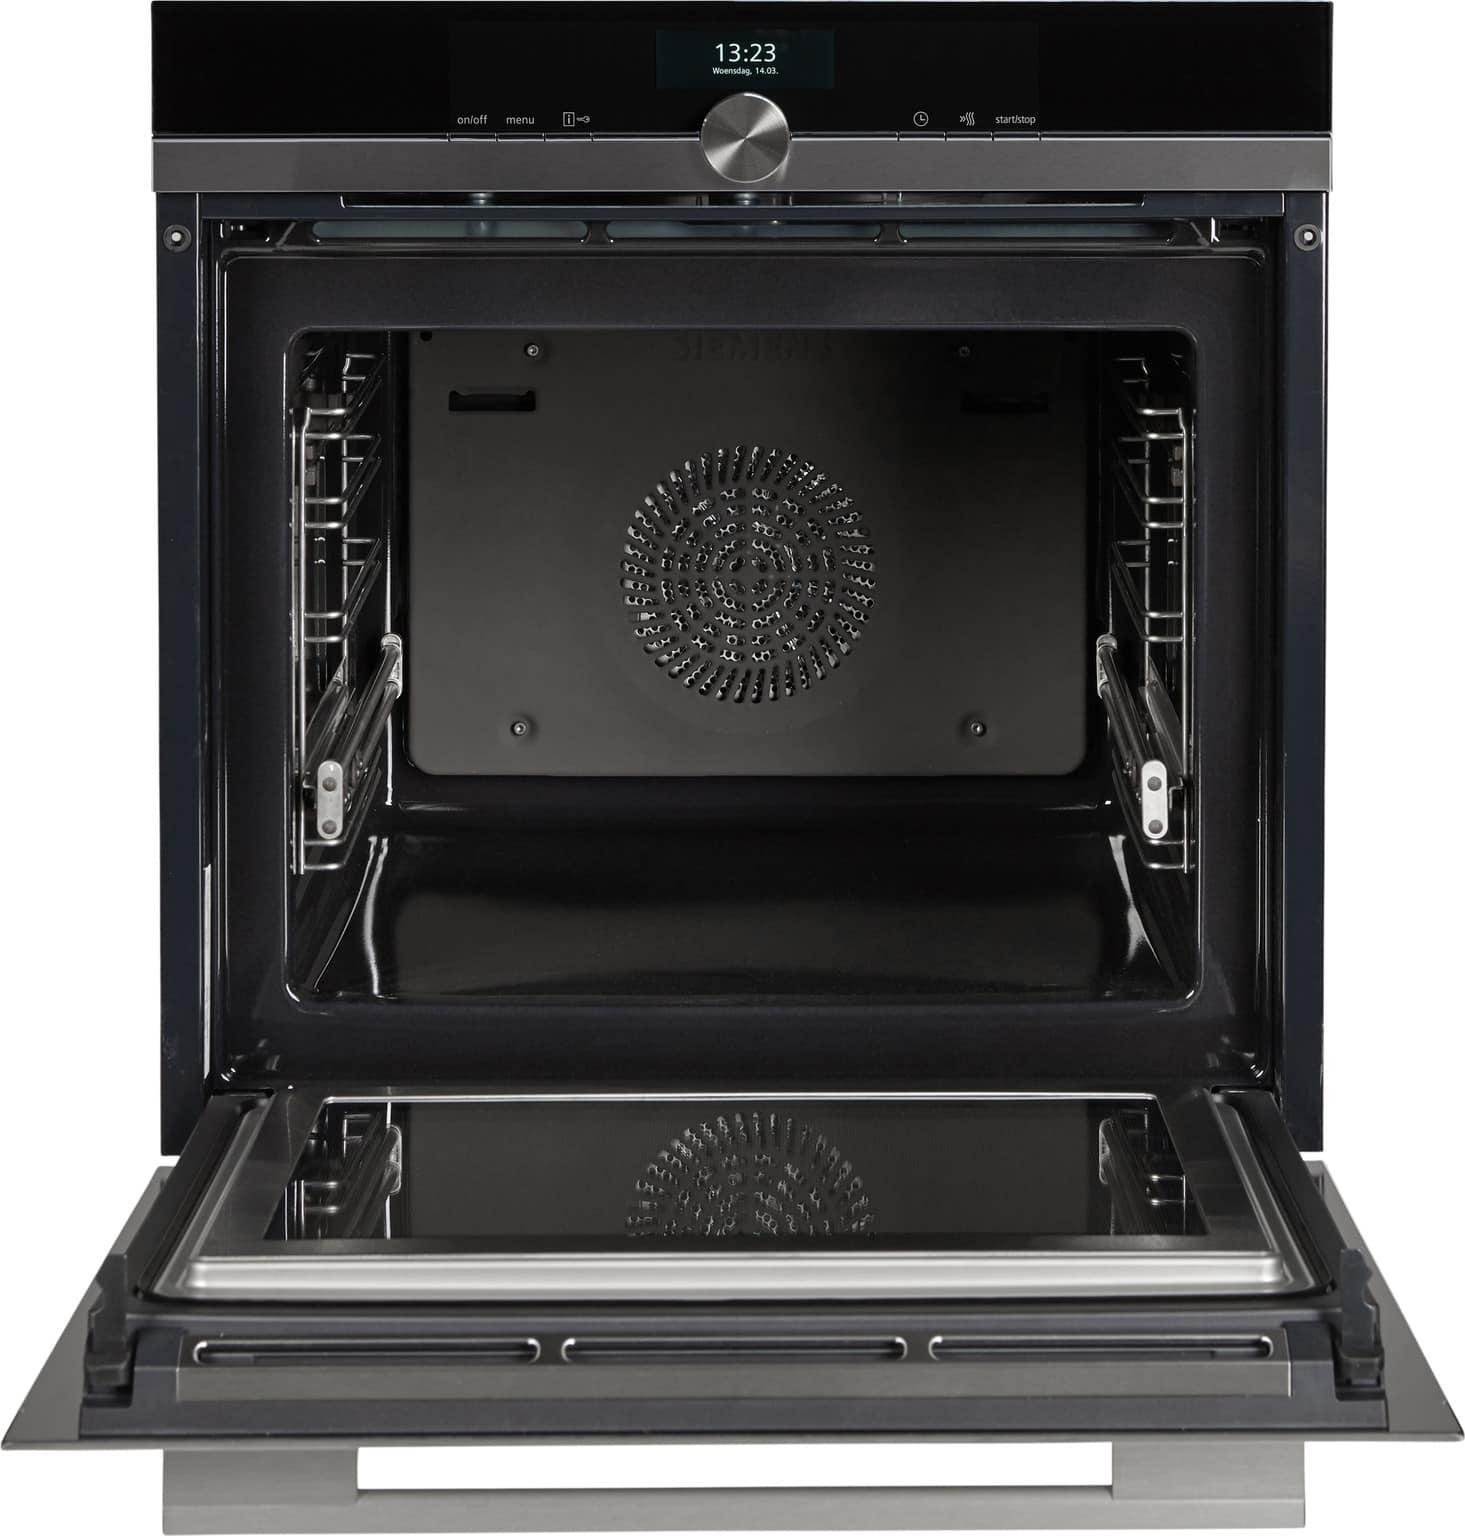 Siemens oven met open deur, vooraanzicht